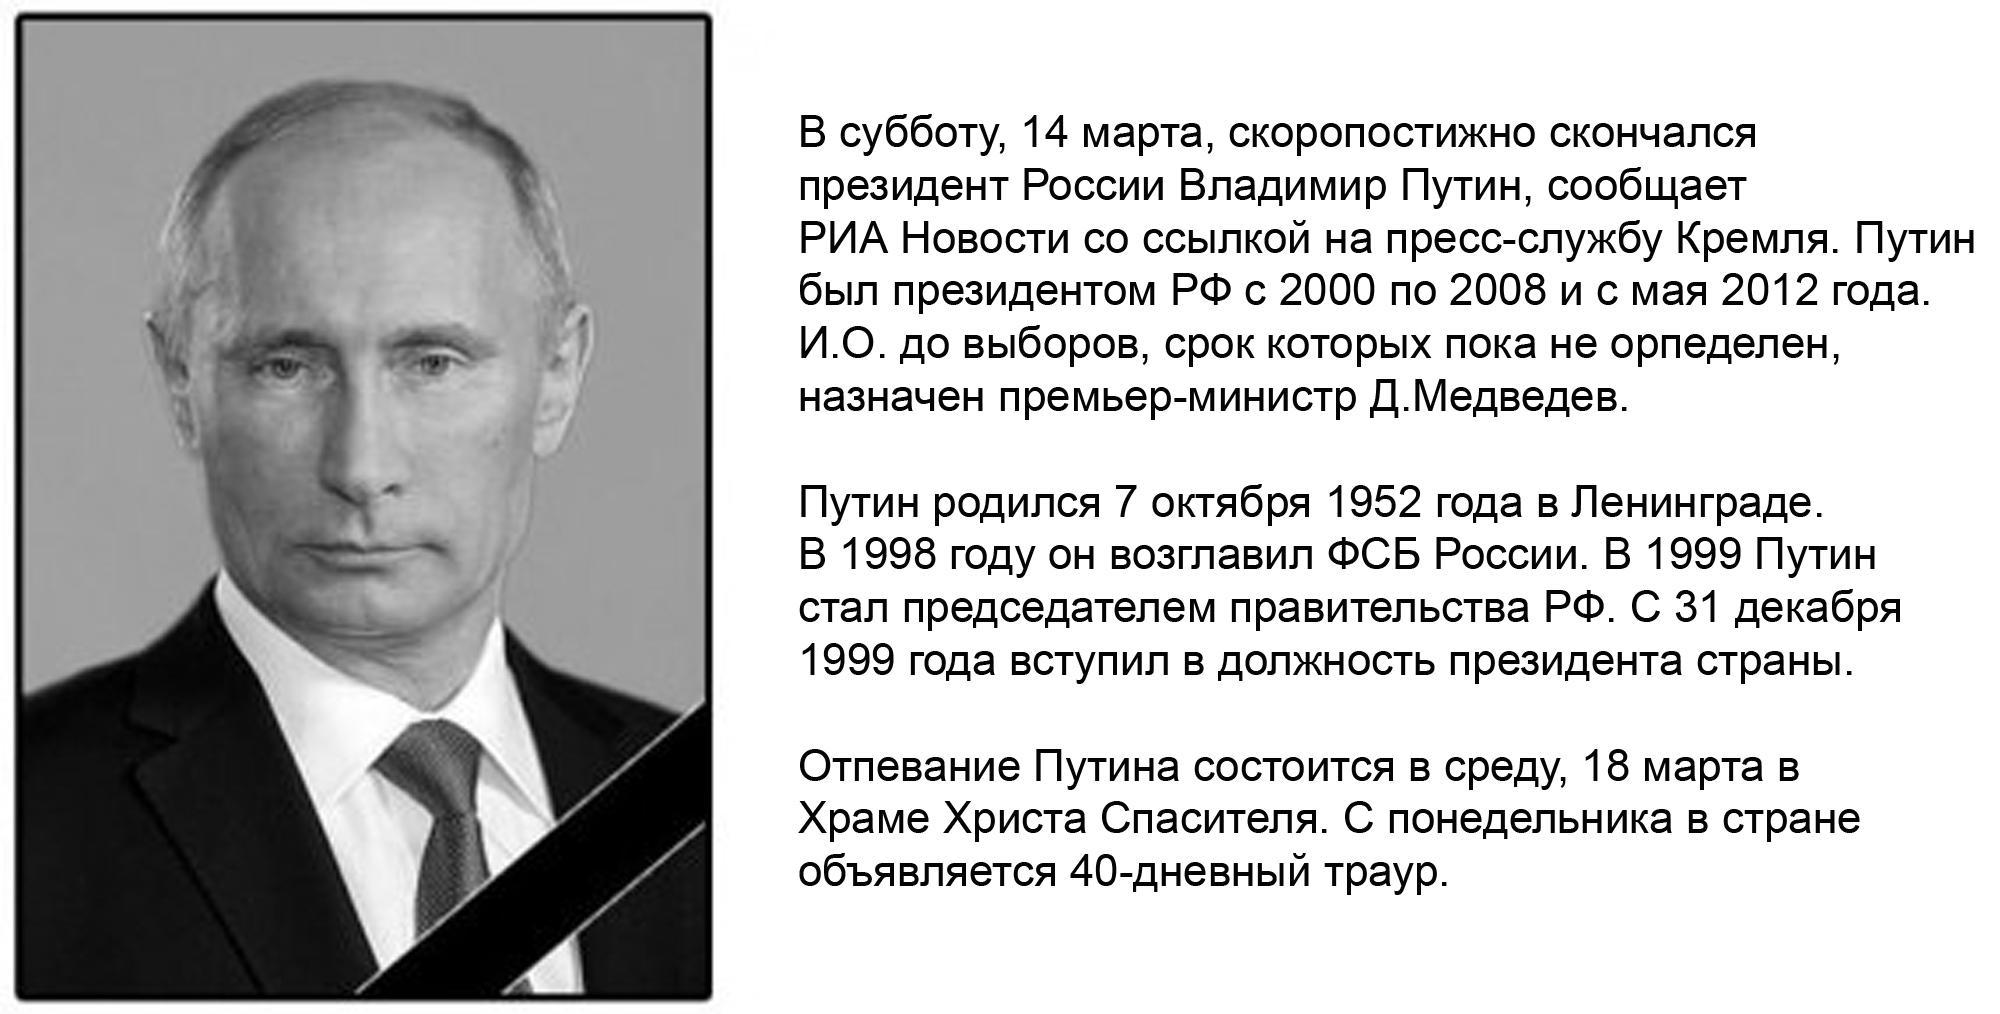 Путин и ботокс  НОВОСТИ В ФОТОГРАФИЯХ